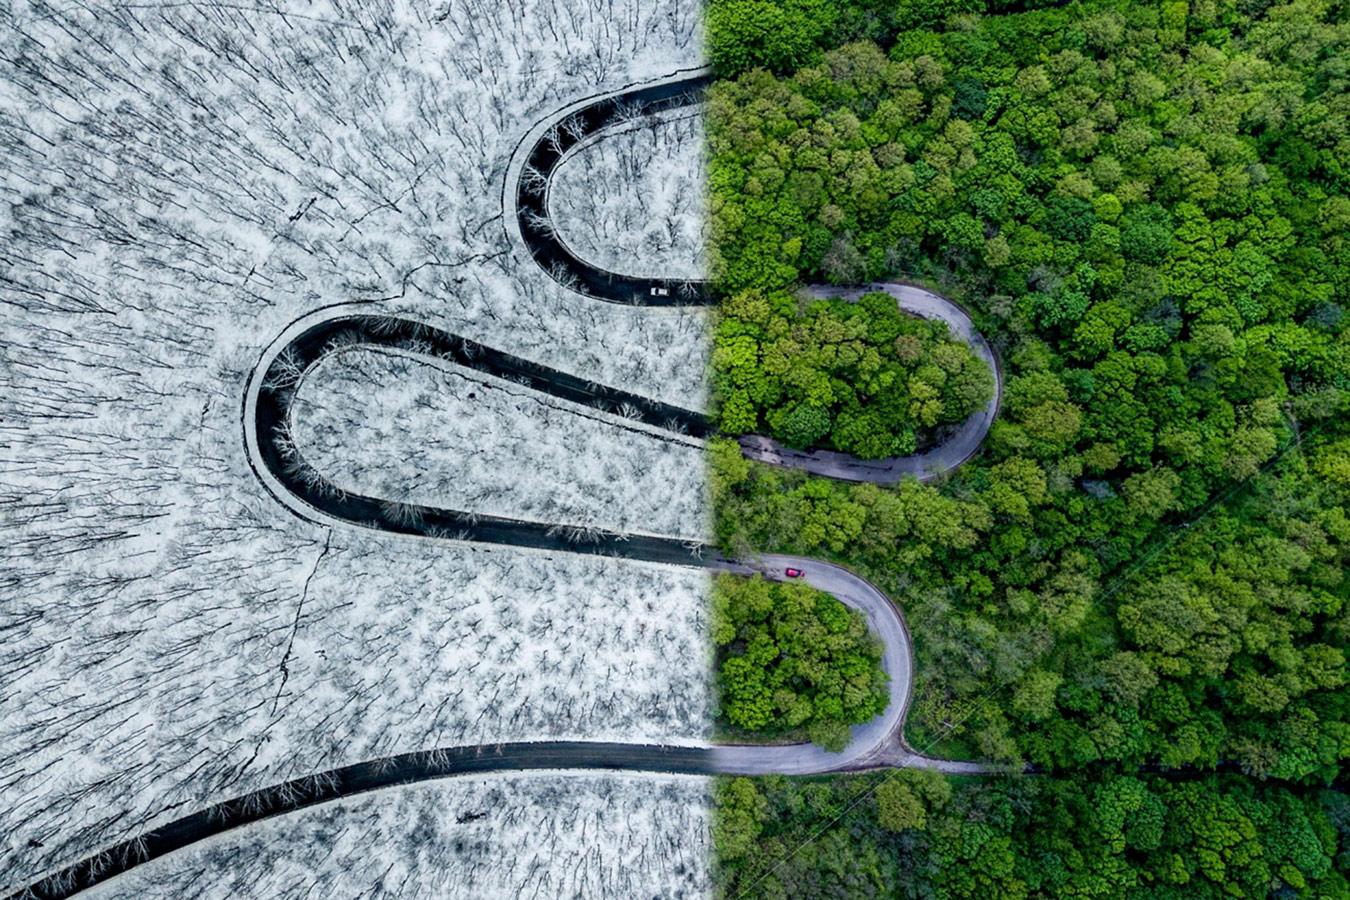 Погодная змея, © Ови Д. Поп, Победитель категории, Конкурс фотографий с дрона DrAw